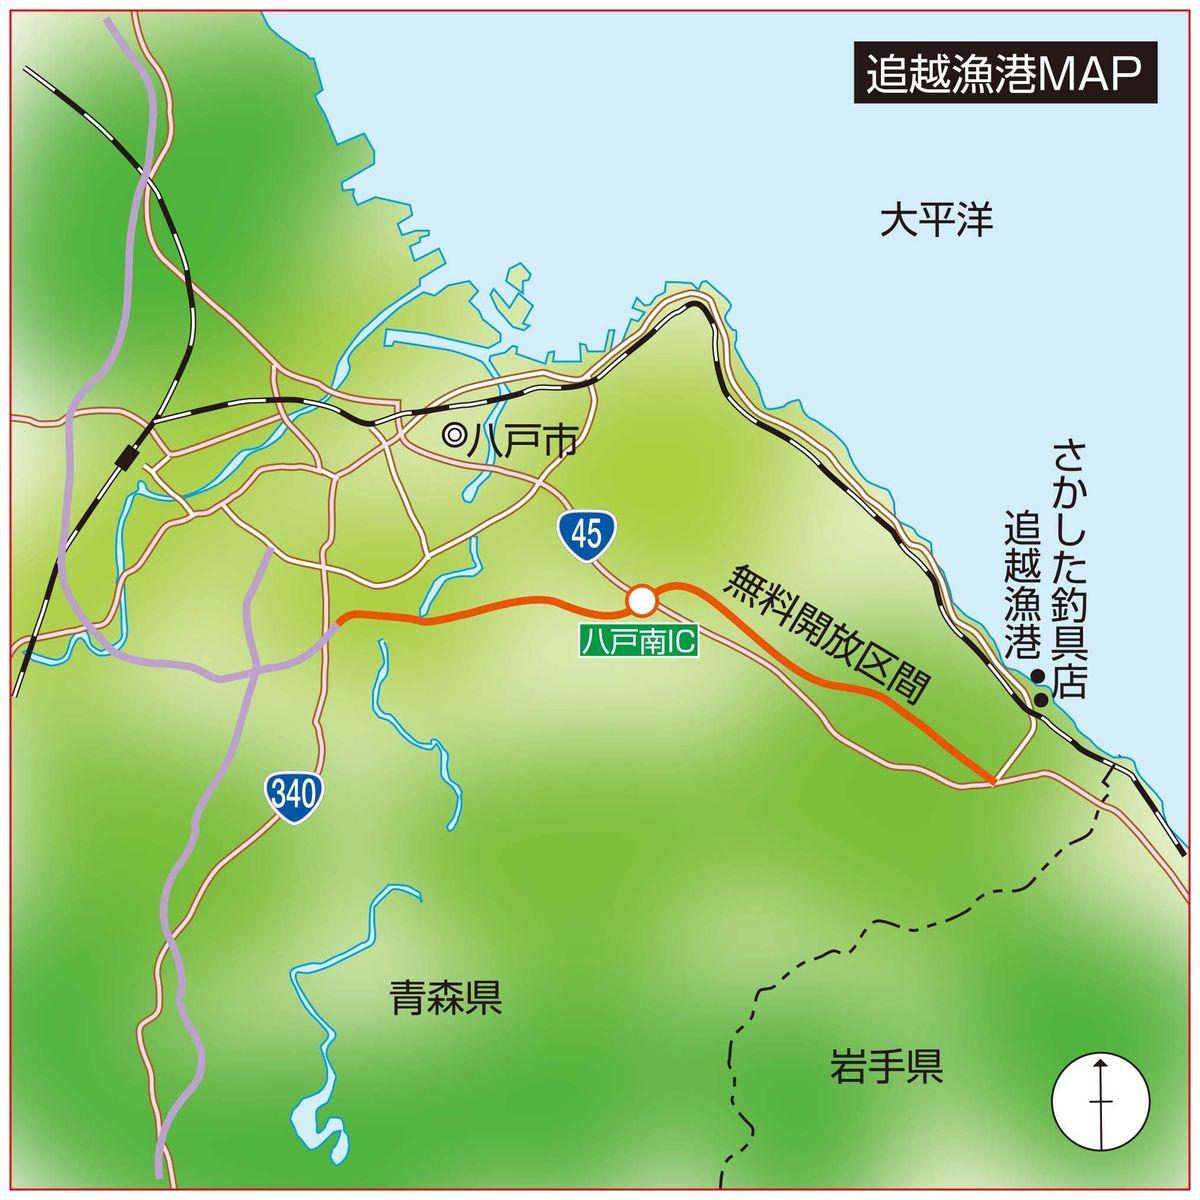 092-103_zenkokutsuriba04-2_cs6 (8)